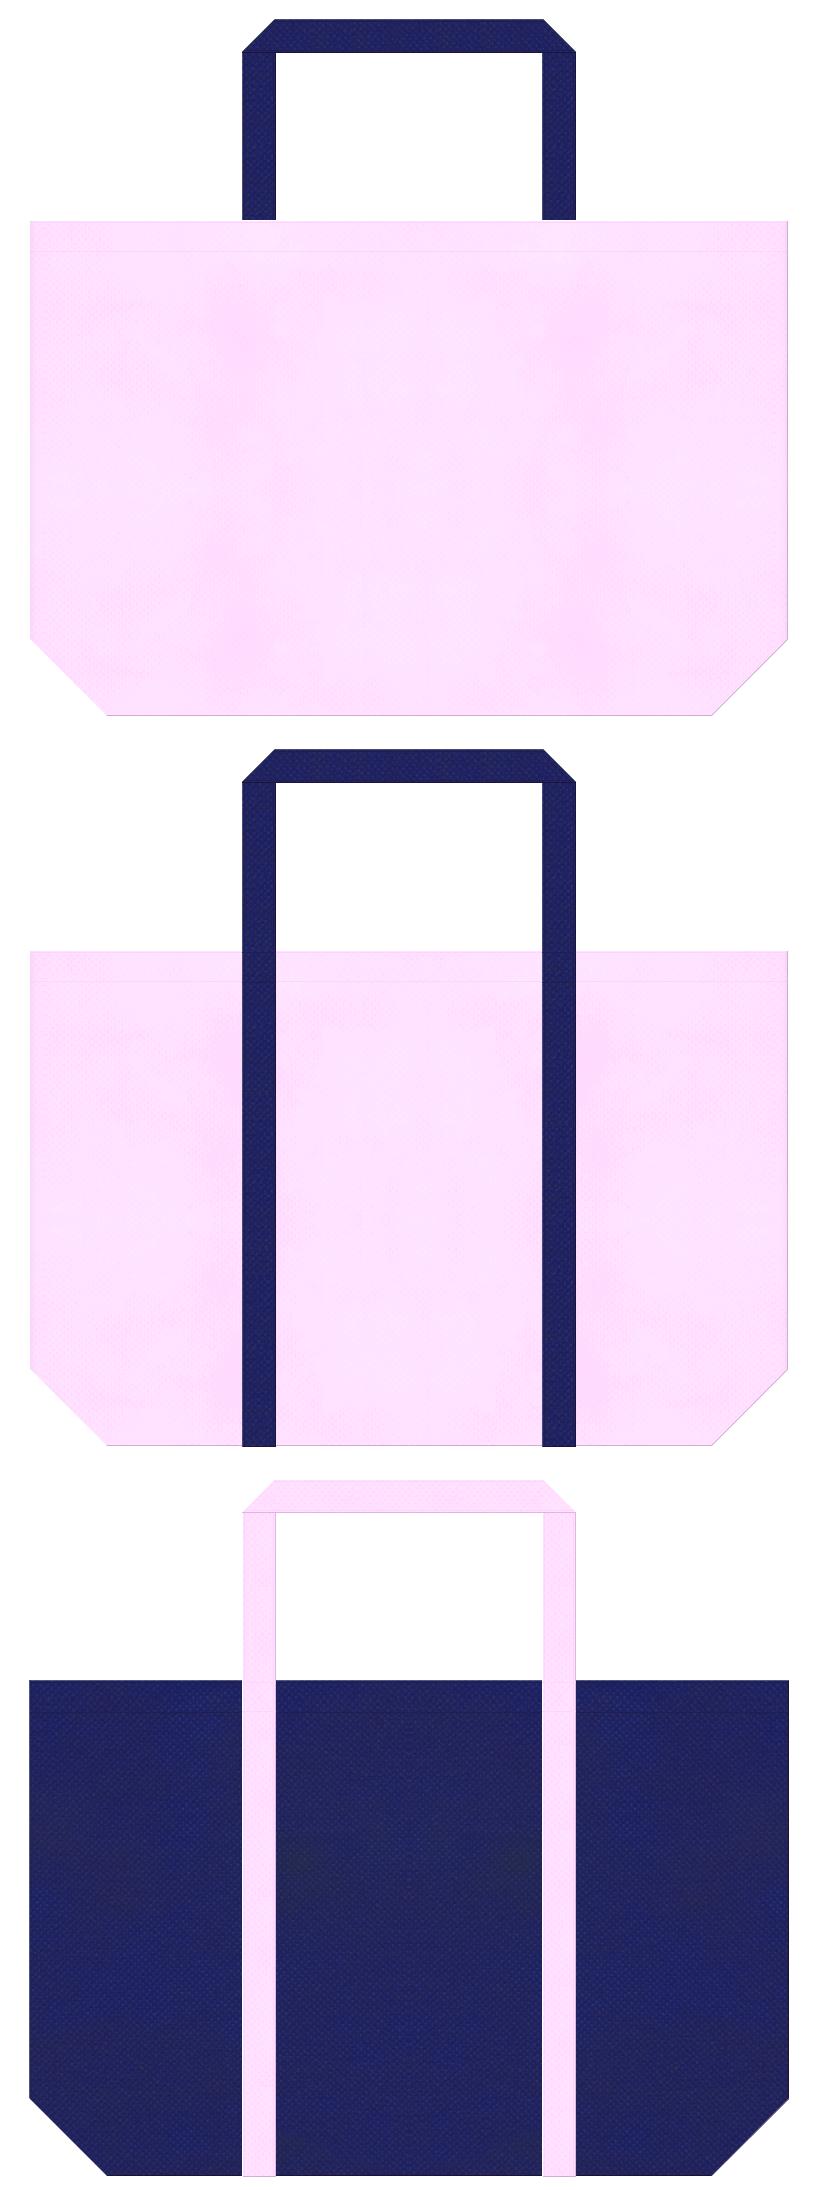 明るいピンク色と明るい紺色の不織布バッグデザイン。女子制服・ユニフォームのショッピングバッグにお奨めです。